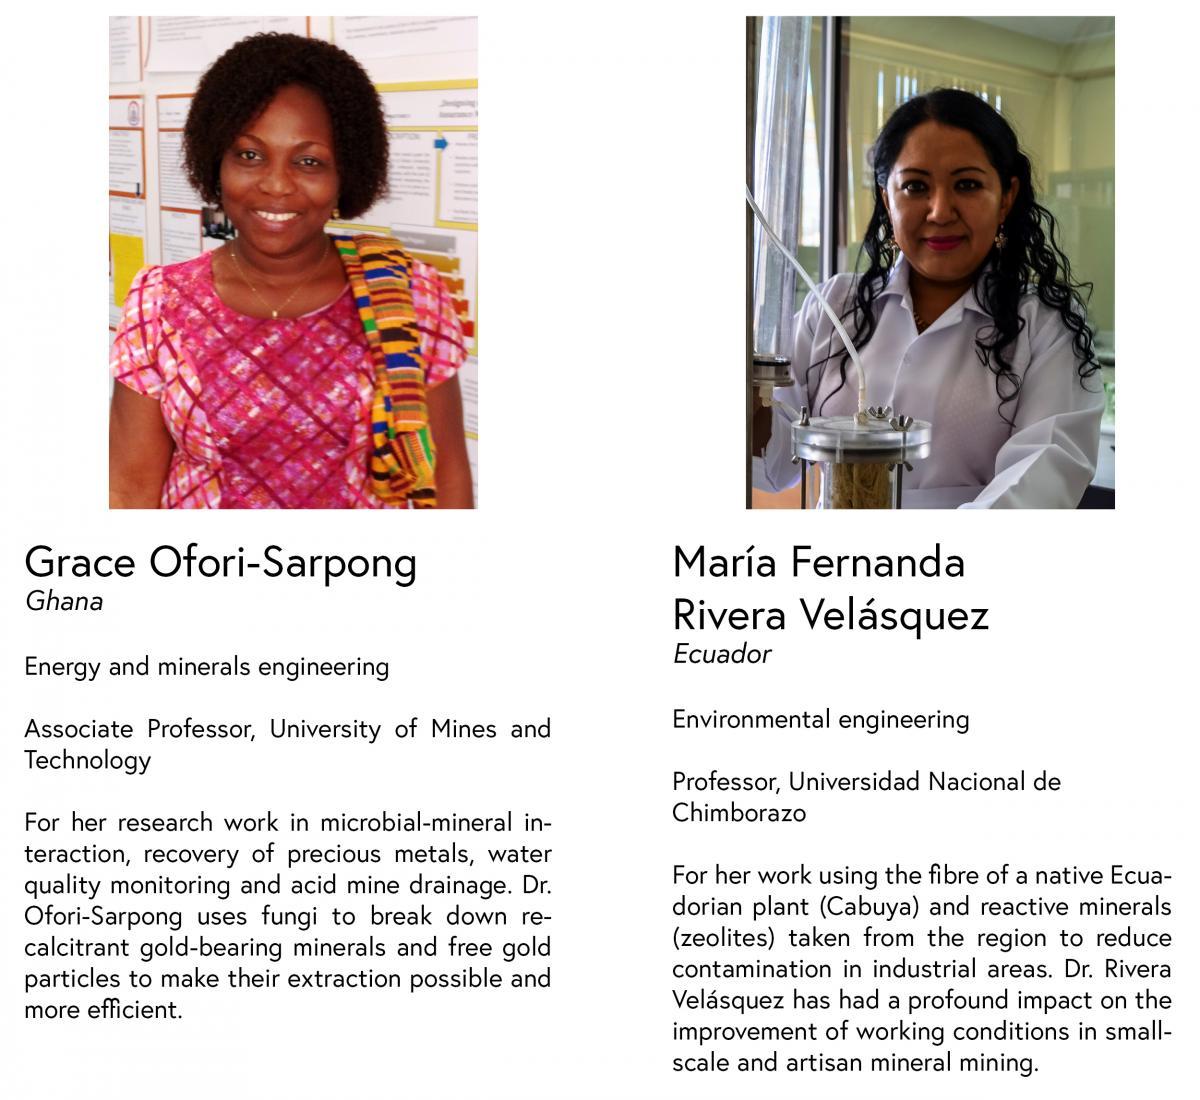 OWSD-Elsevier Foundation Awardees for Early Career Women